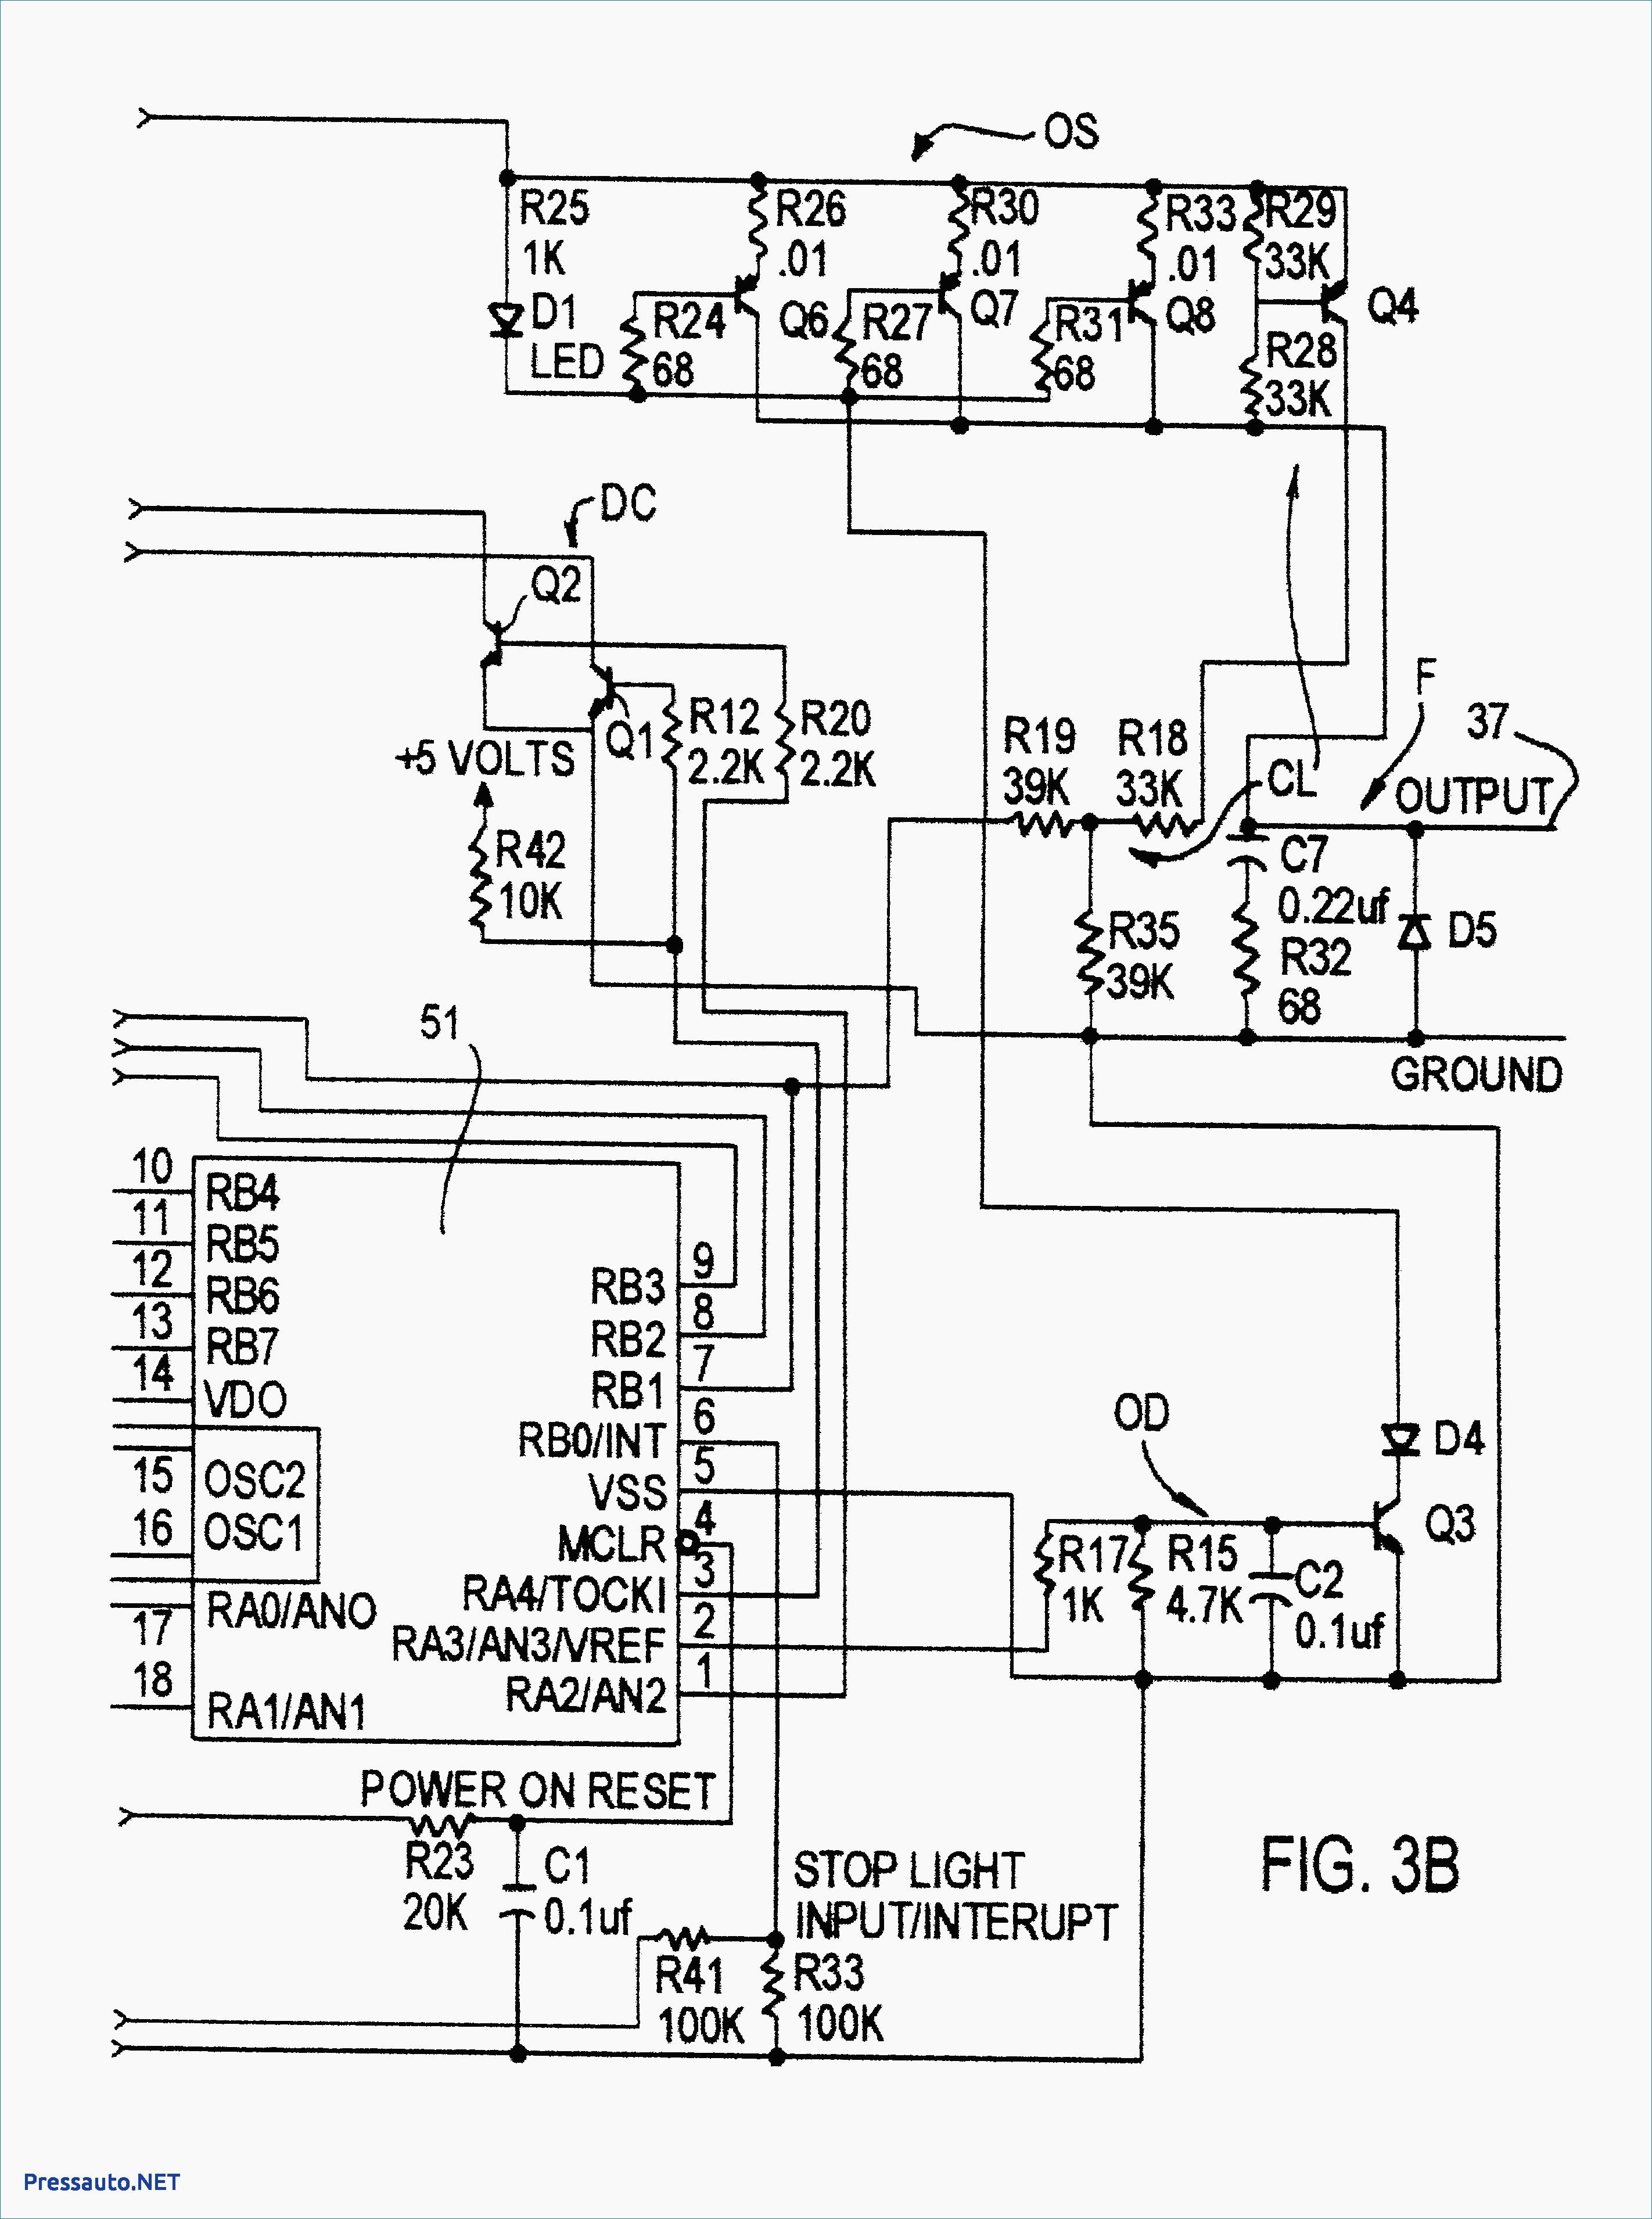 Car Wiring Diagram software Trailer Brake Controller Wiring Diagram Trailer Brake Control Of Car Wiring Diagram software